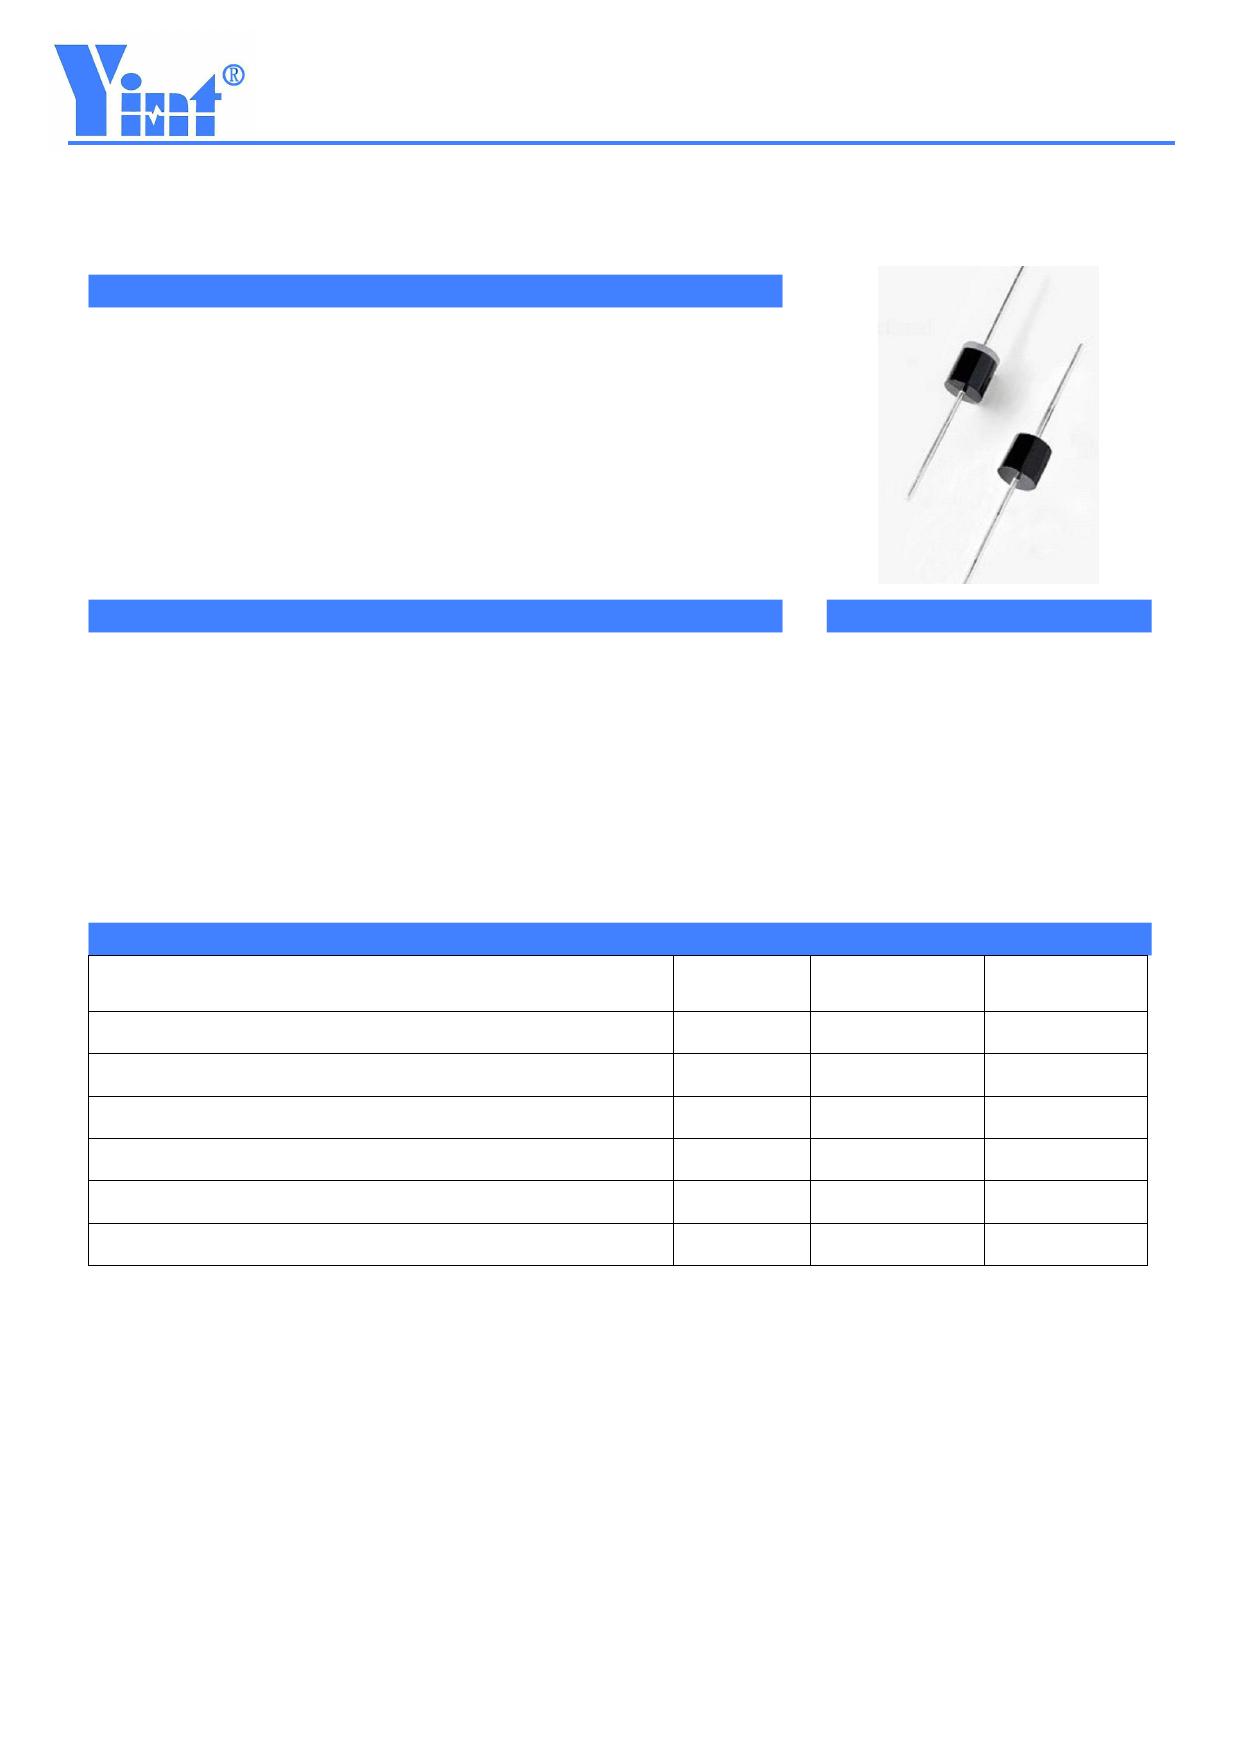 3.0KP12CA datasheet